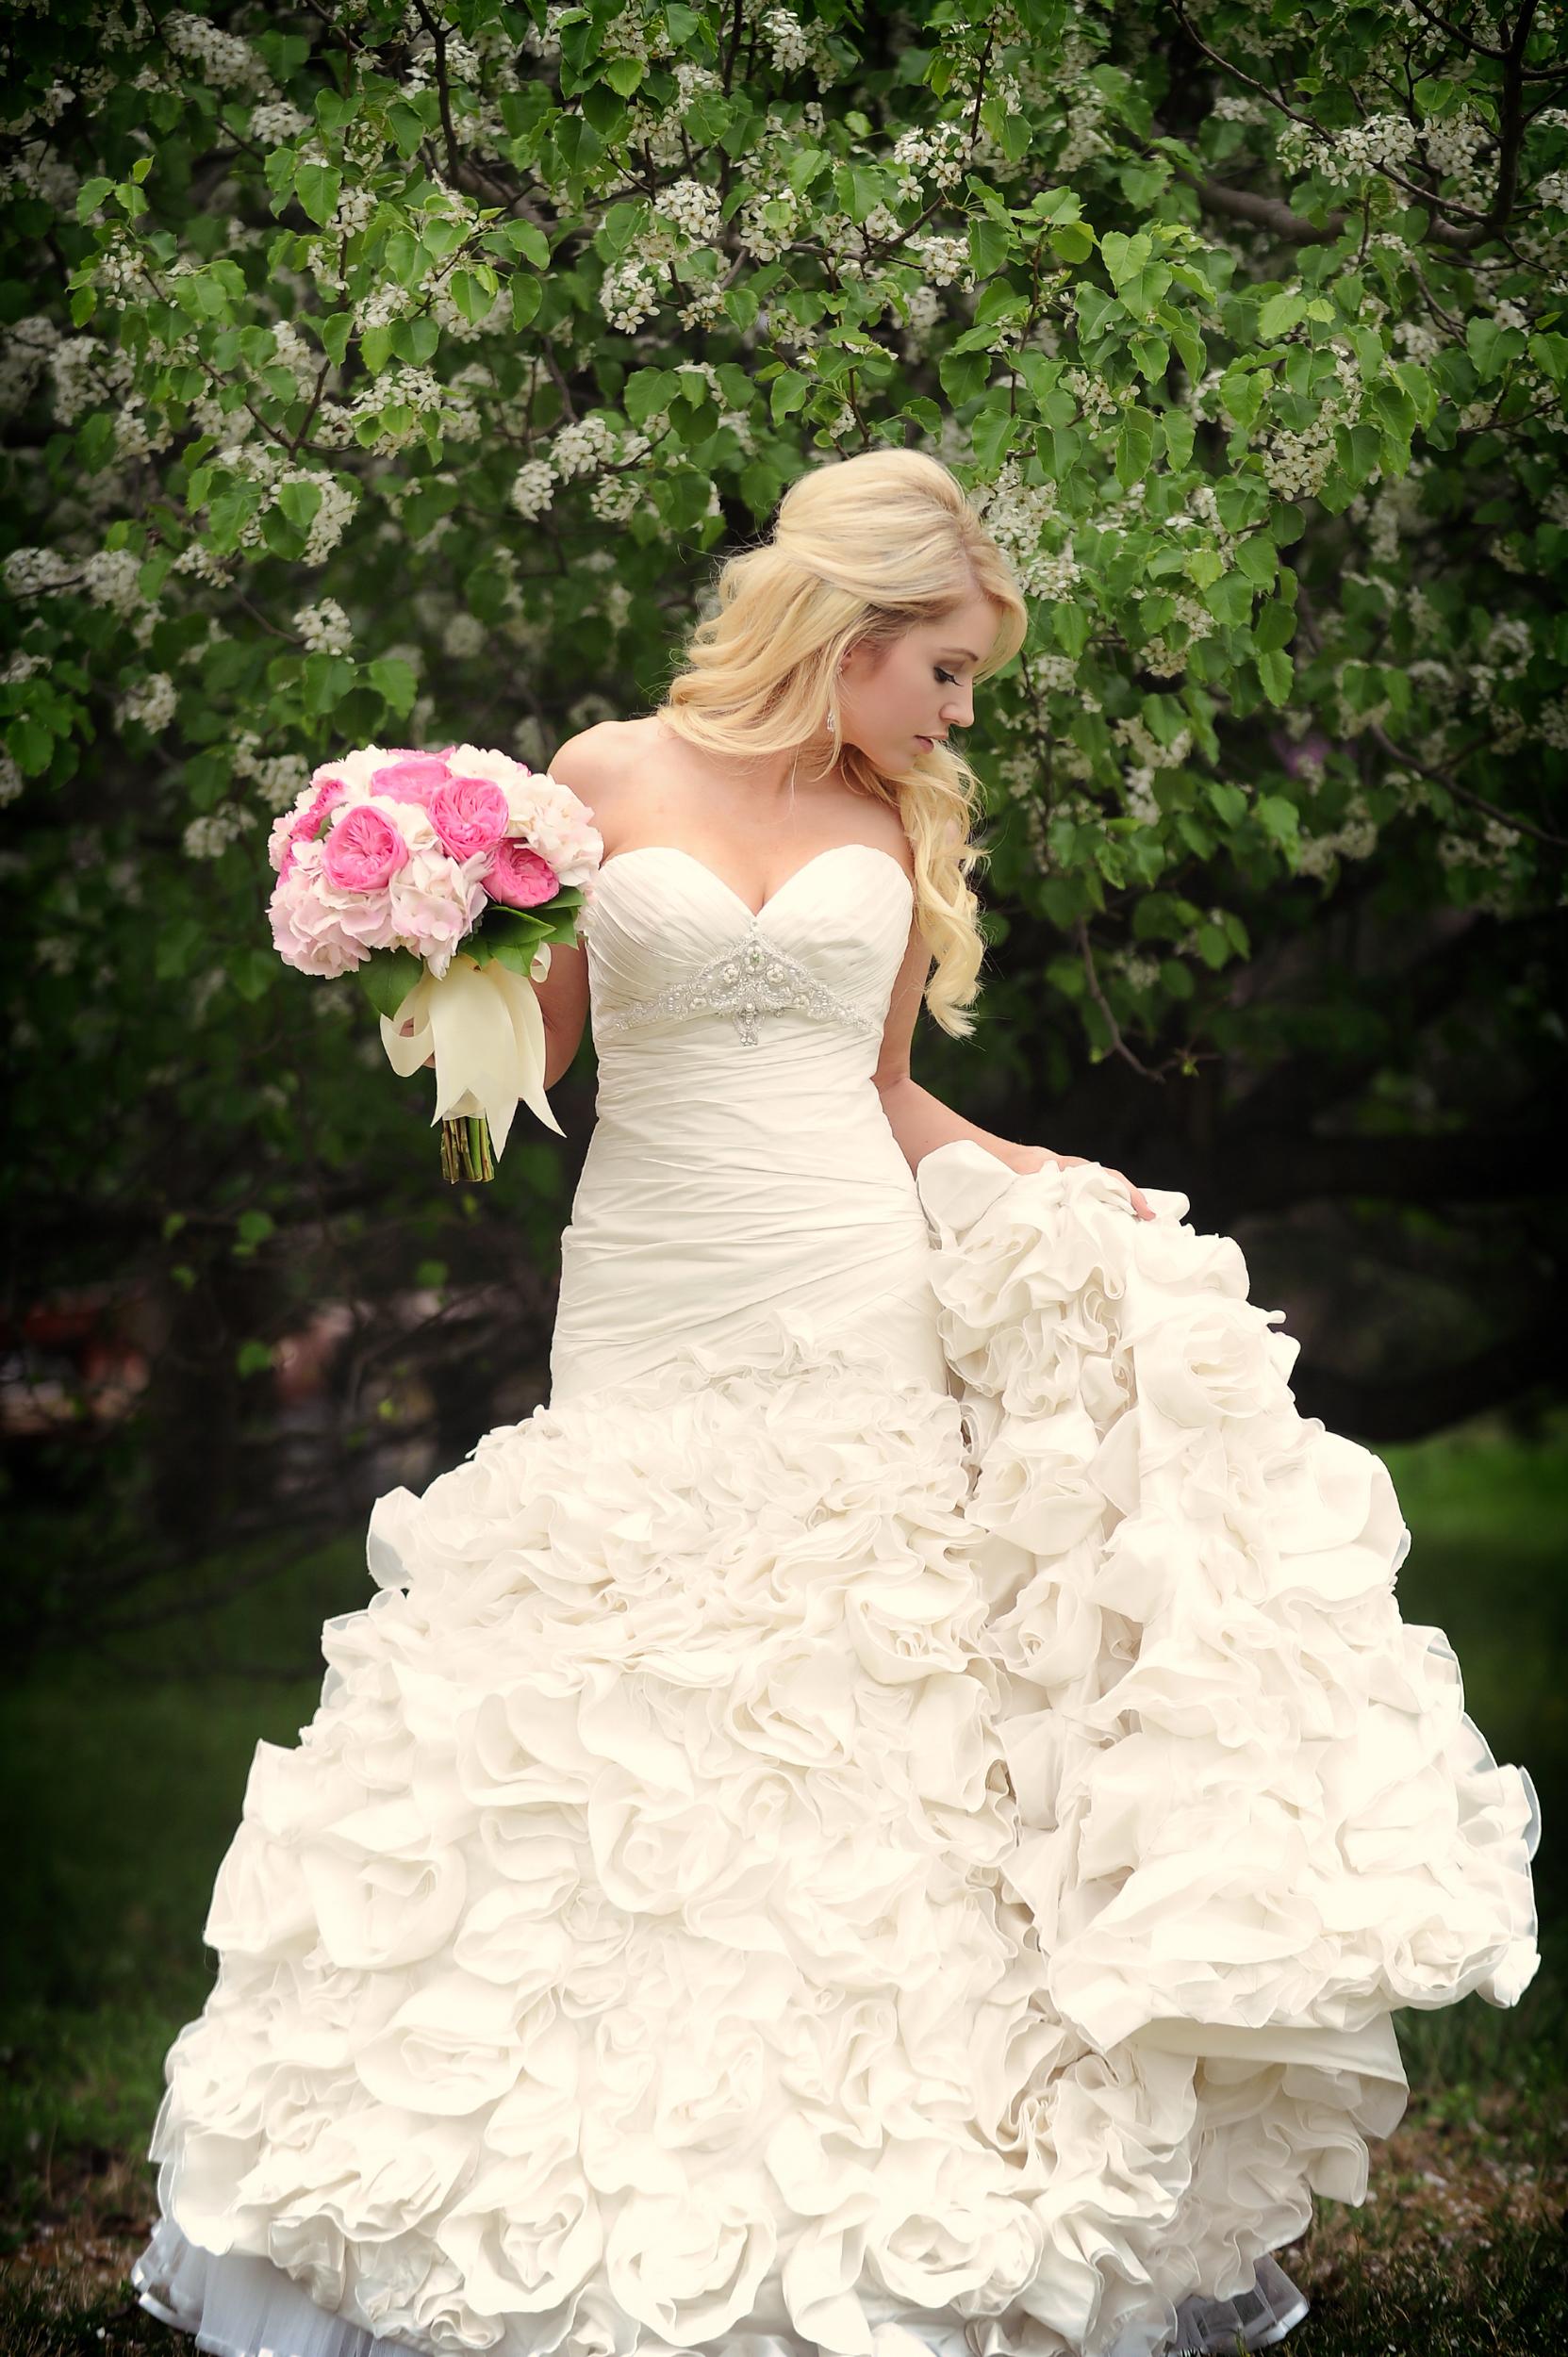 bridals©2015mileswittboyer-8.jpg